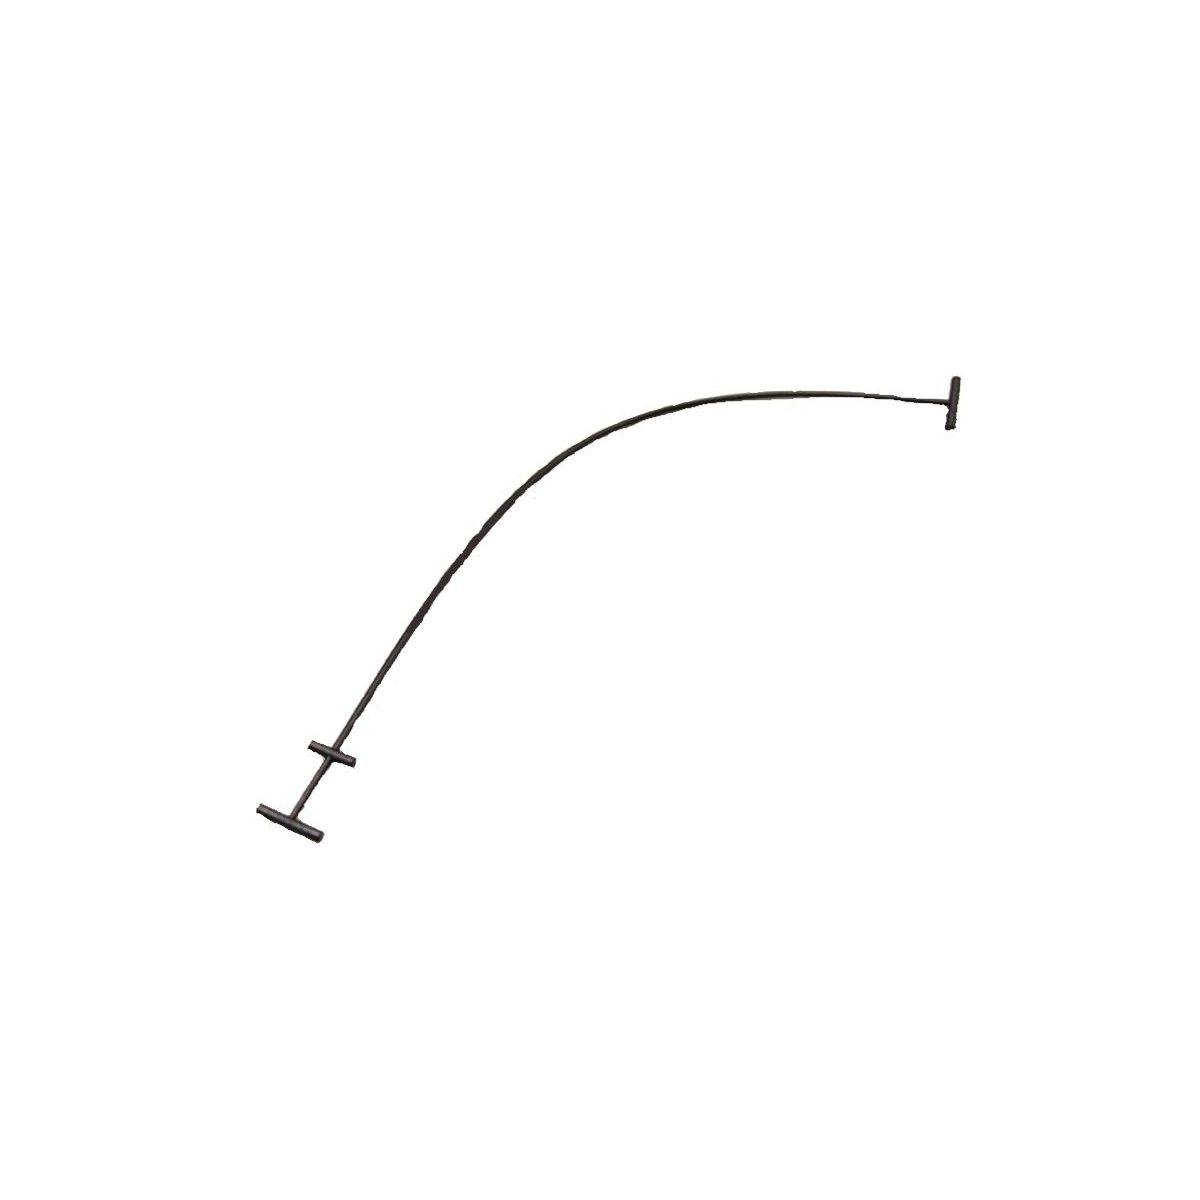 Cinghietta cavetto per sportello scocchino laterale per VESPA PK 50 125 XL S XL XL2